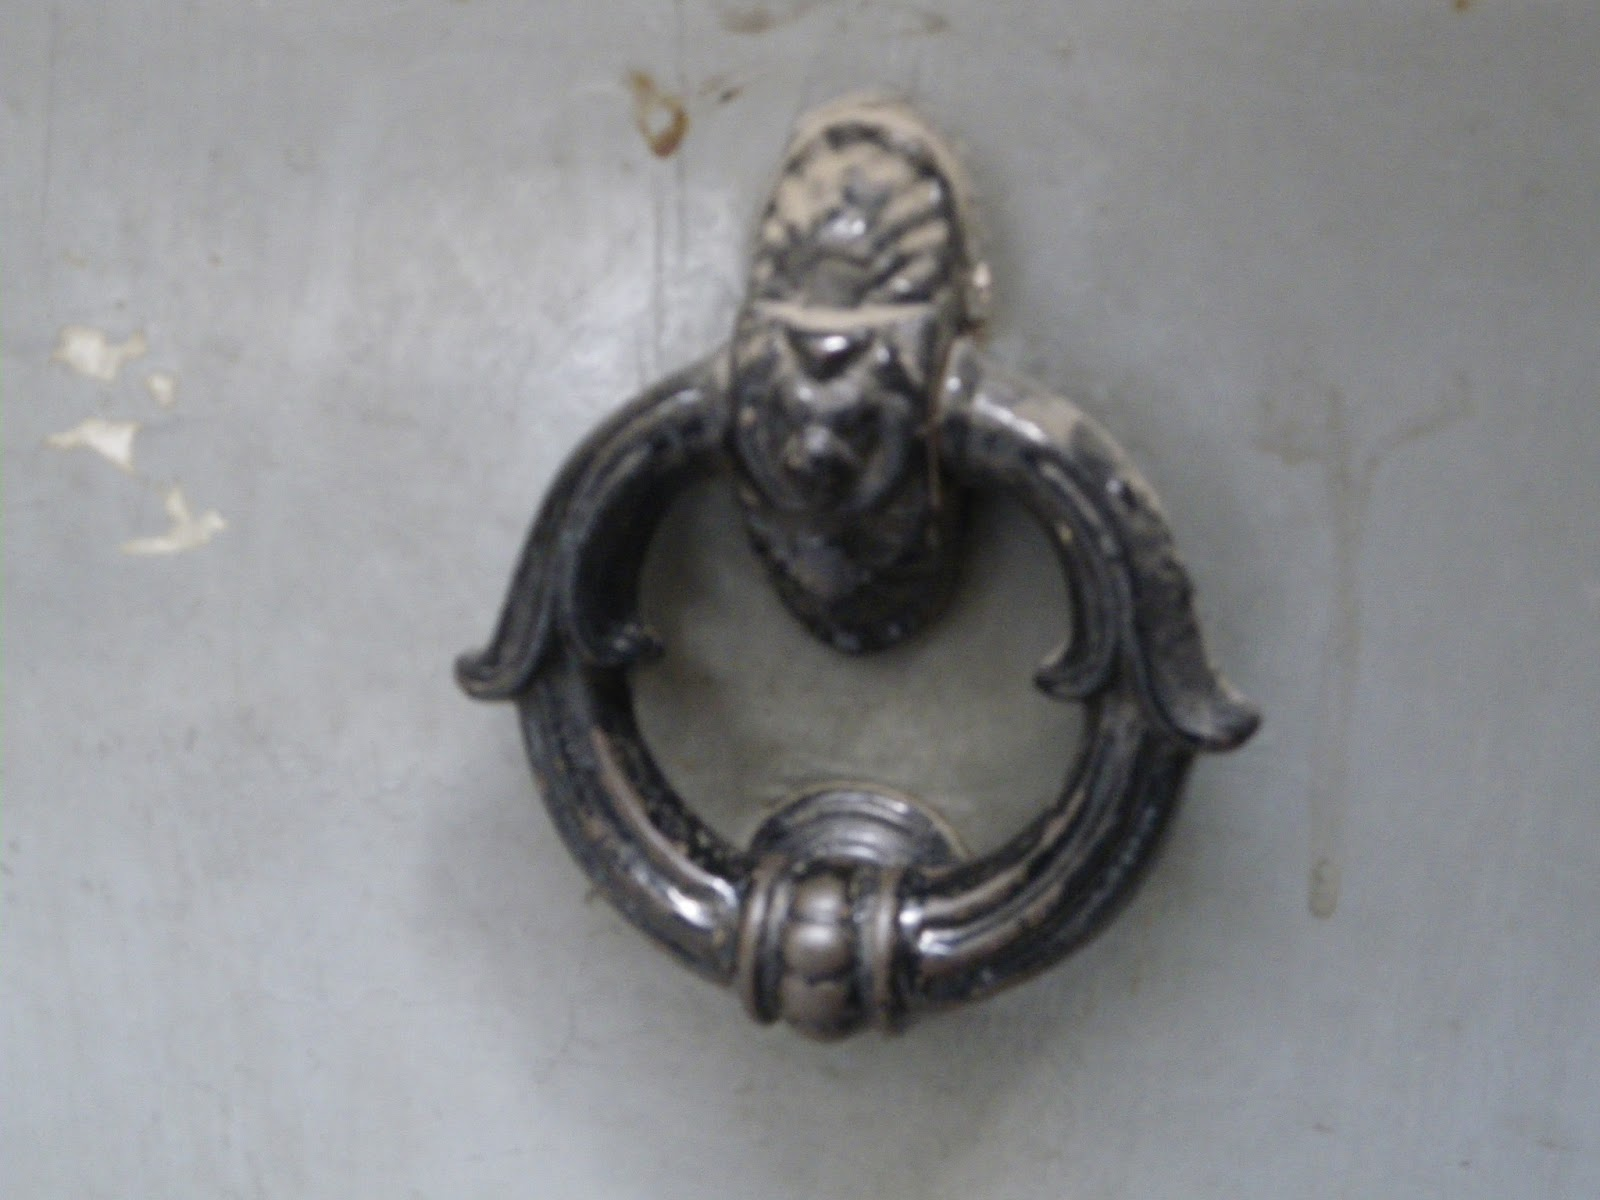 Cronologia di piazza armerina oggetto utile ma in disuso - Batacchio porta ...